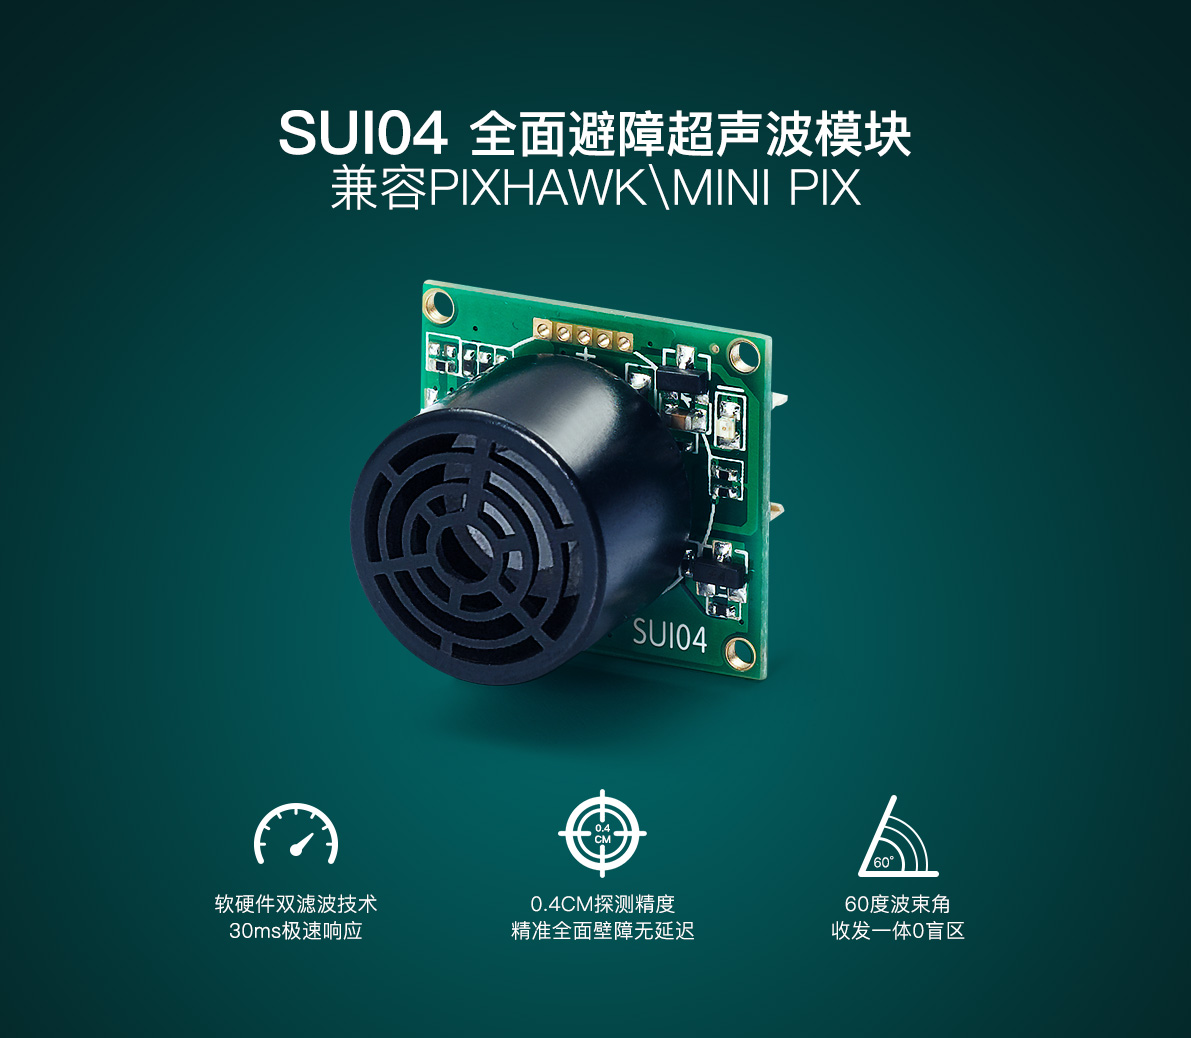 乐迪SUI04超声波模块定位测距壁障传感器开源PIX飞控定高防撞介绍线序及安装